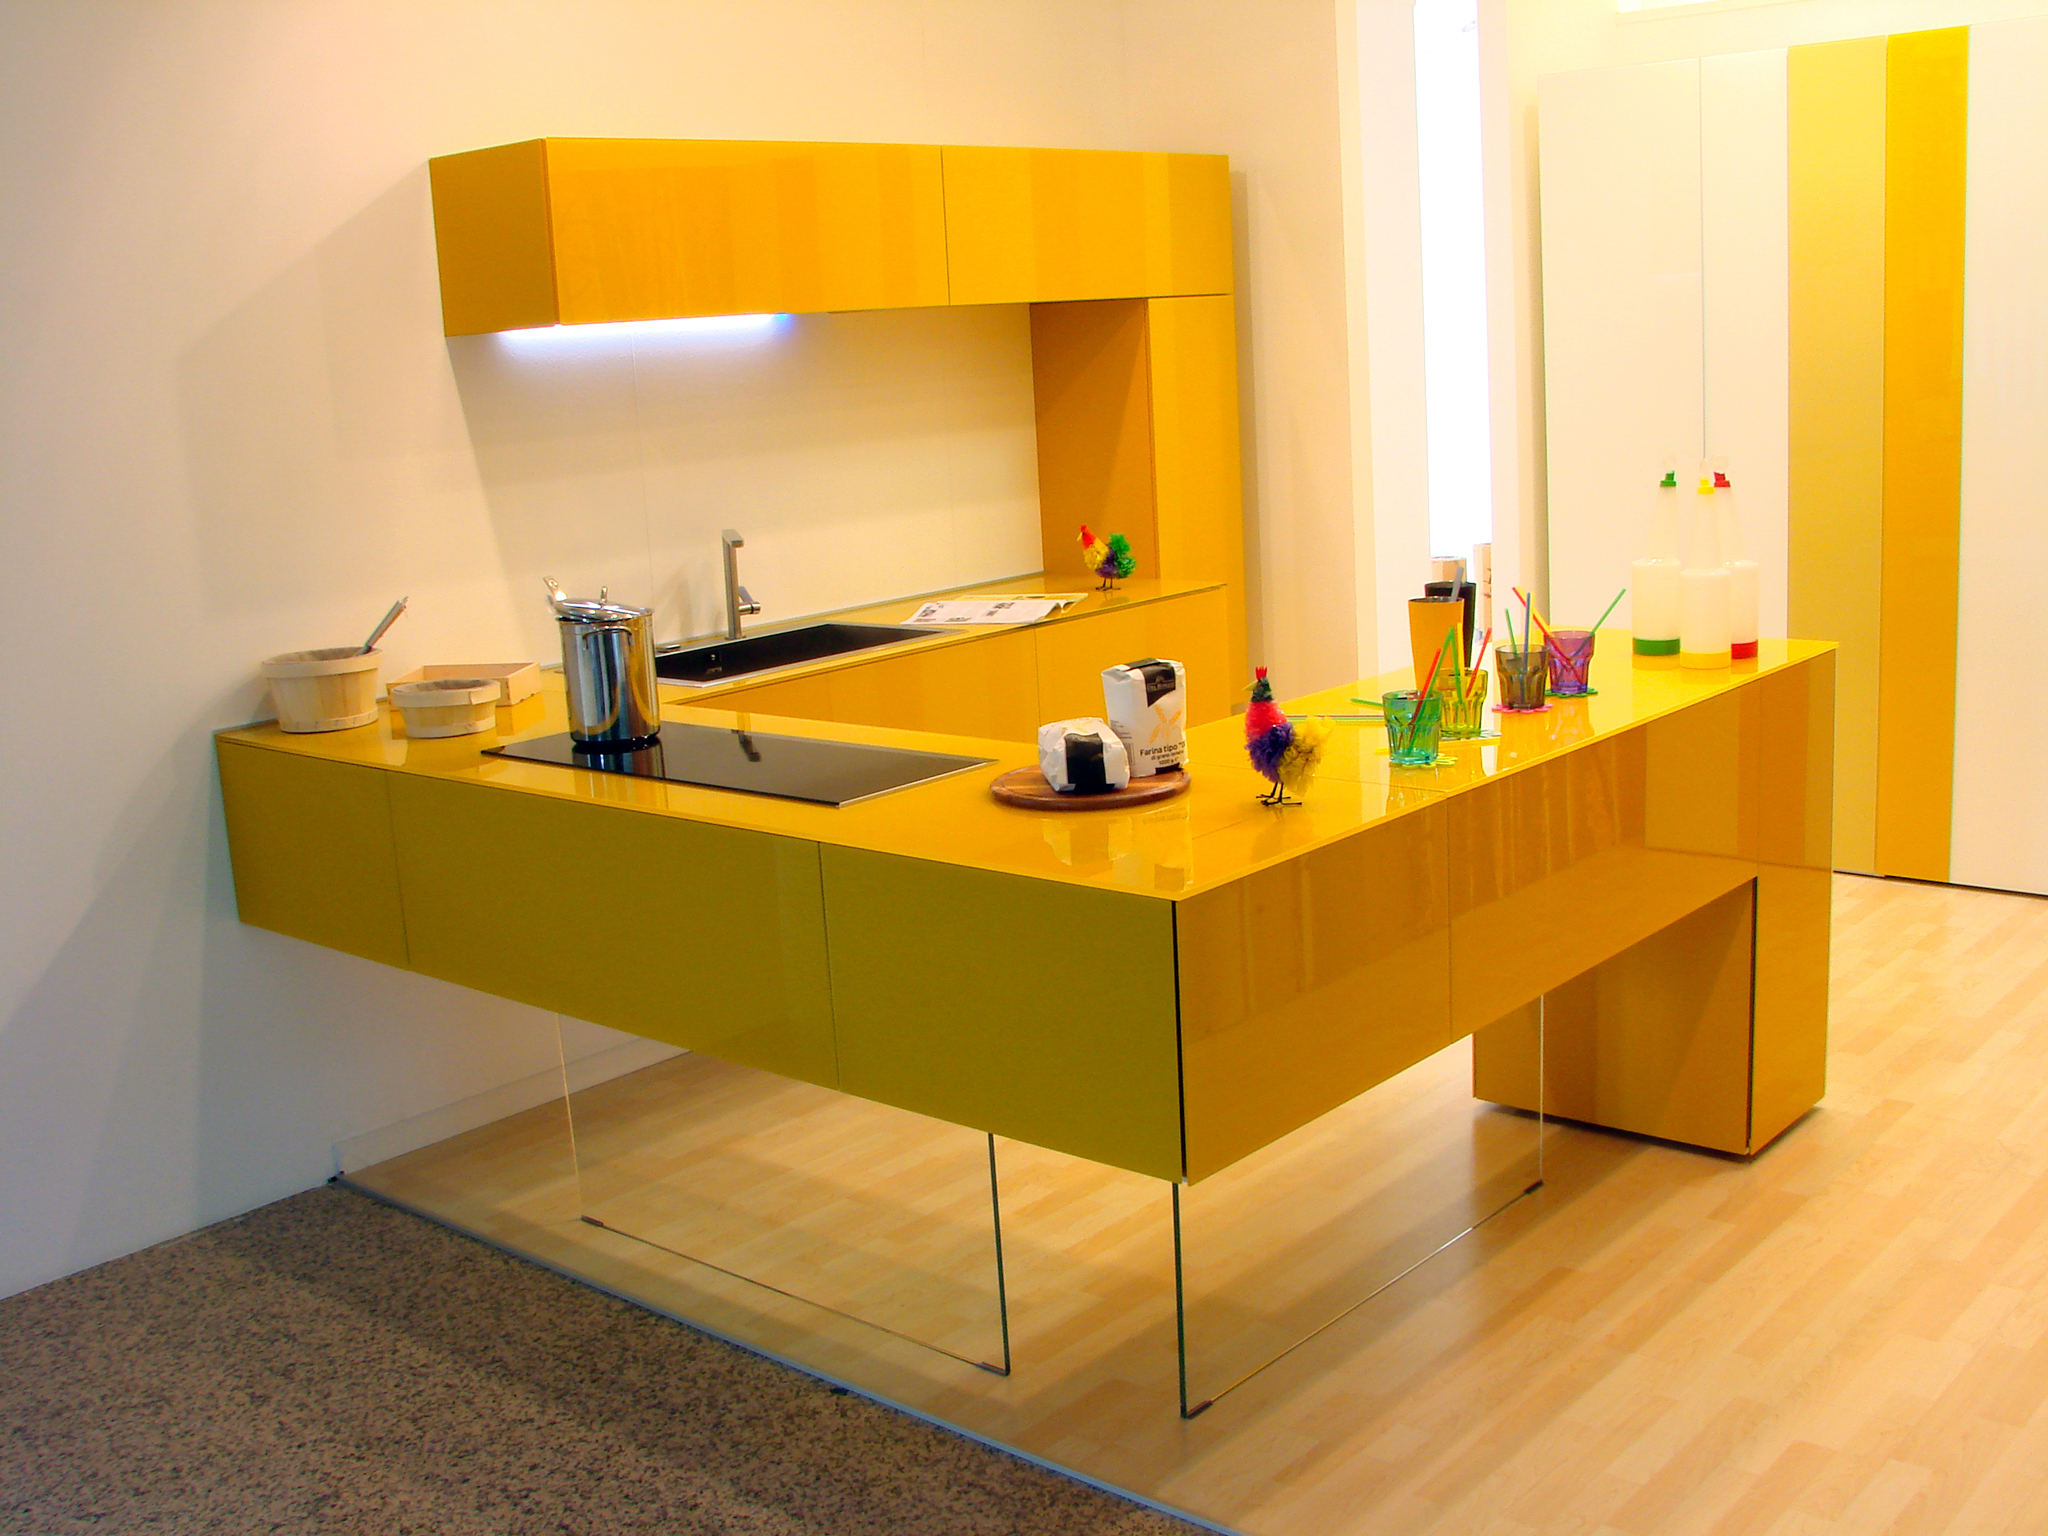 Cucine LAGO in HDR da dimensione legno a Chietiil blog di dimensione legno a Chieti